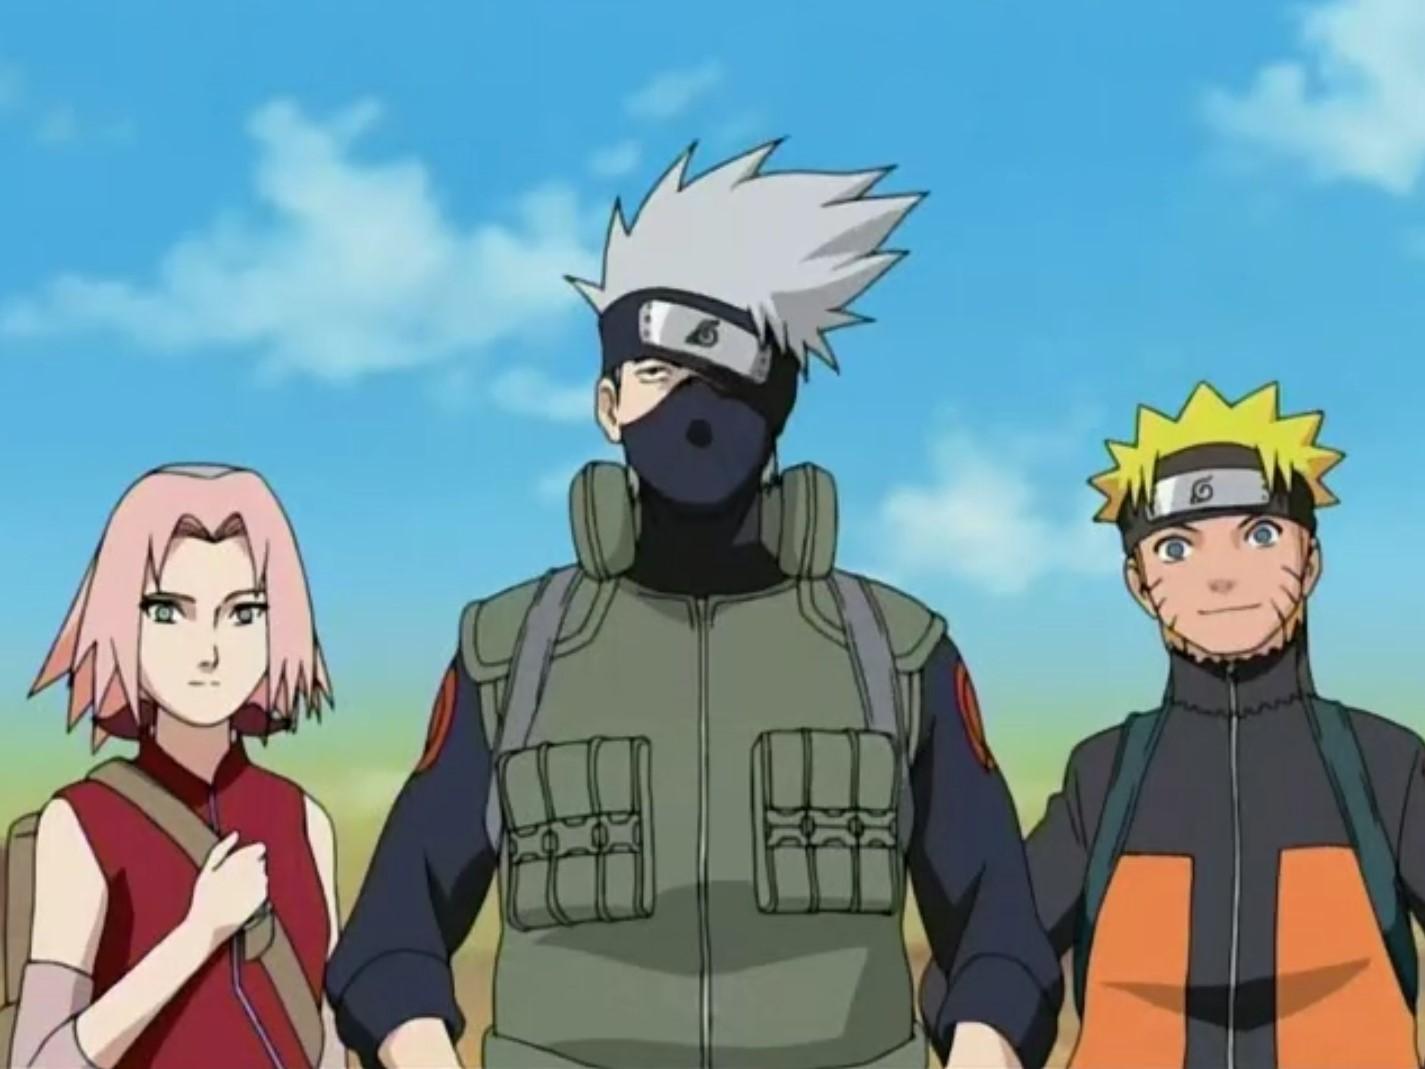 Naruto Shippuden Episódio 12, Assistir Naruto Shippuden Episódio 12, Assistir Naruto Shippuden Todos os Episódios Legendado, Naruto Shippuden episódio 12,HD